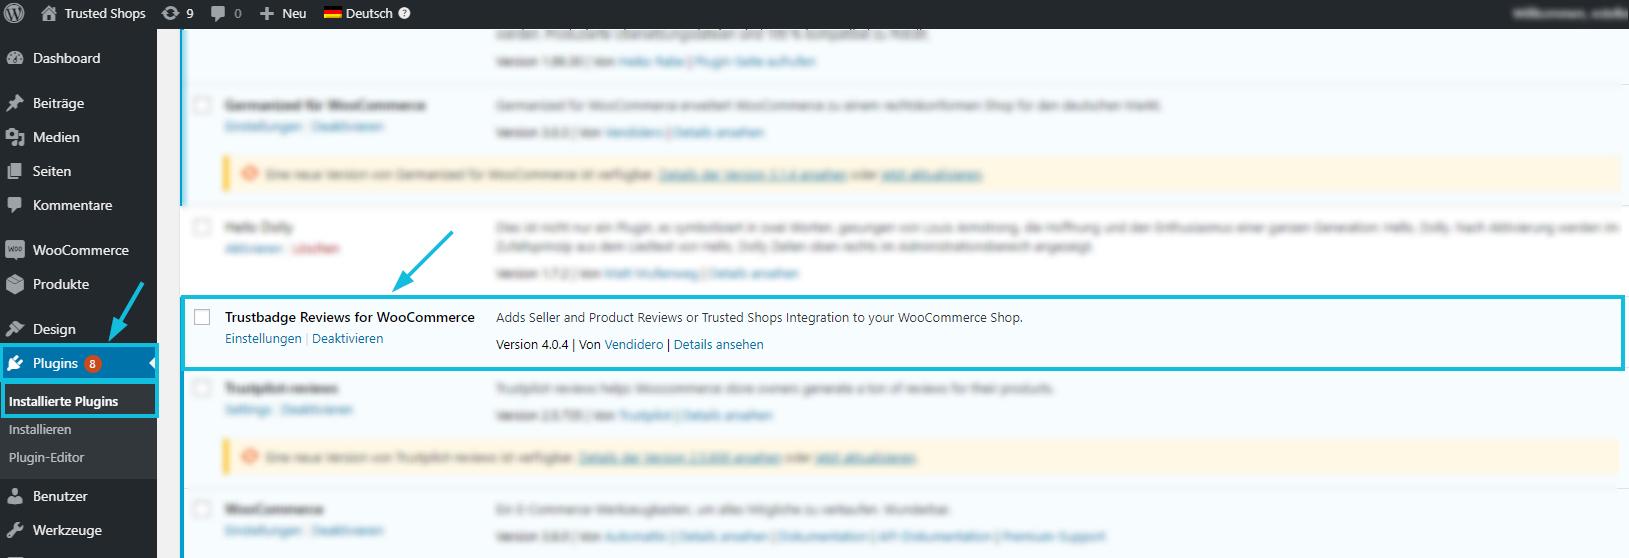 Installierte_Plugins